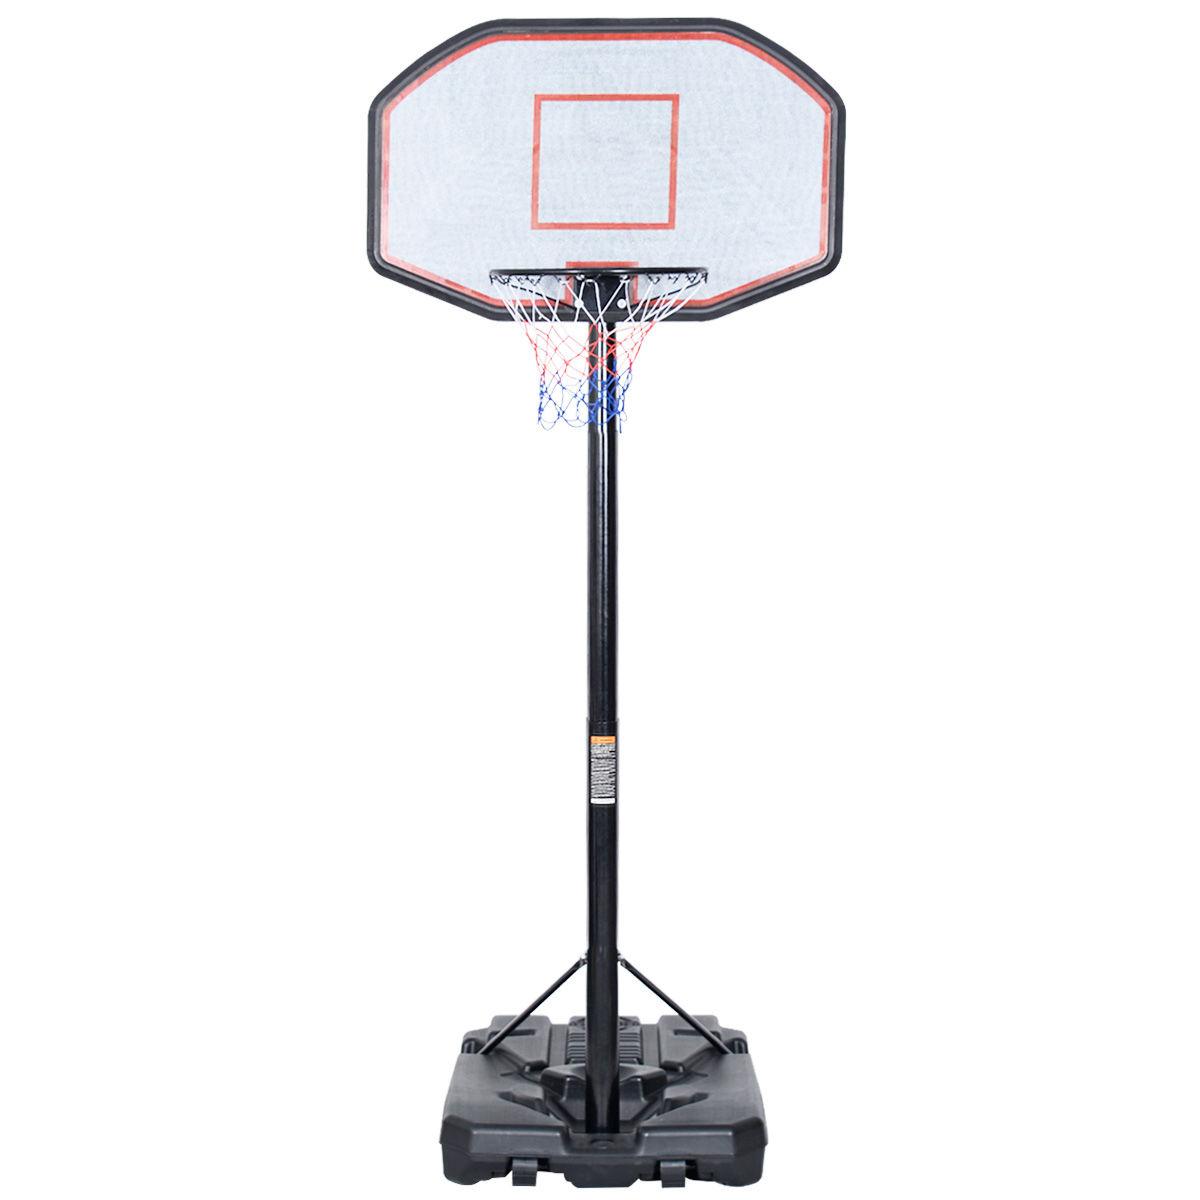 In/Outdoor Adjustable Height Basketball Hoop